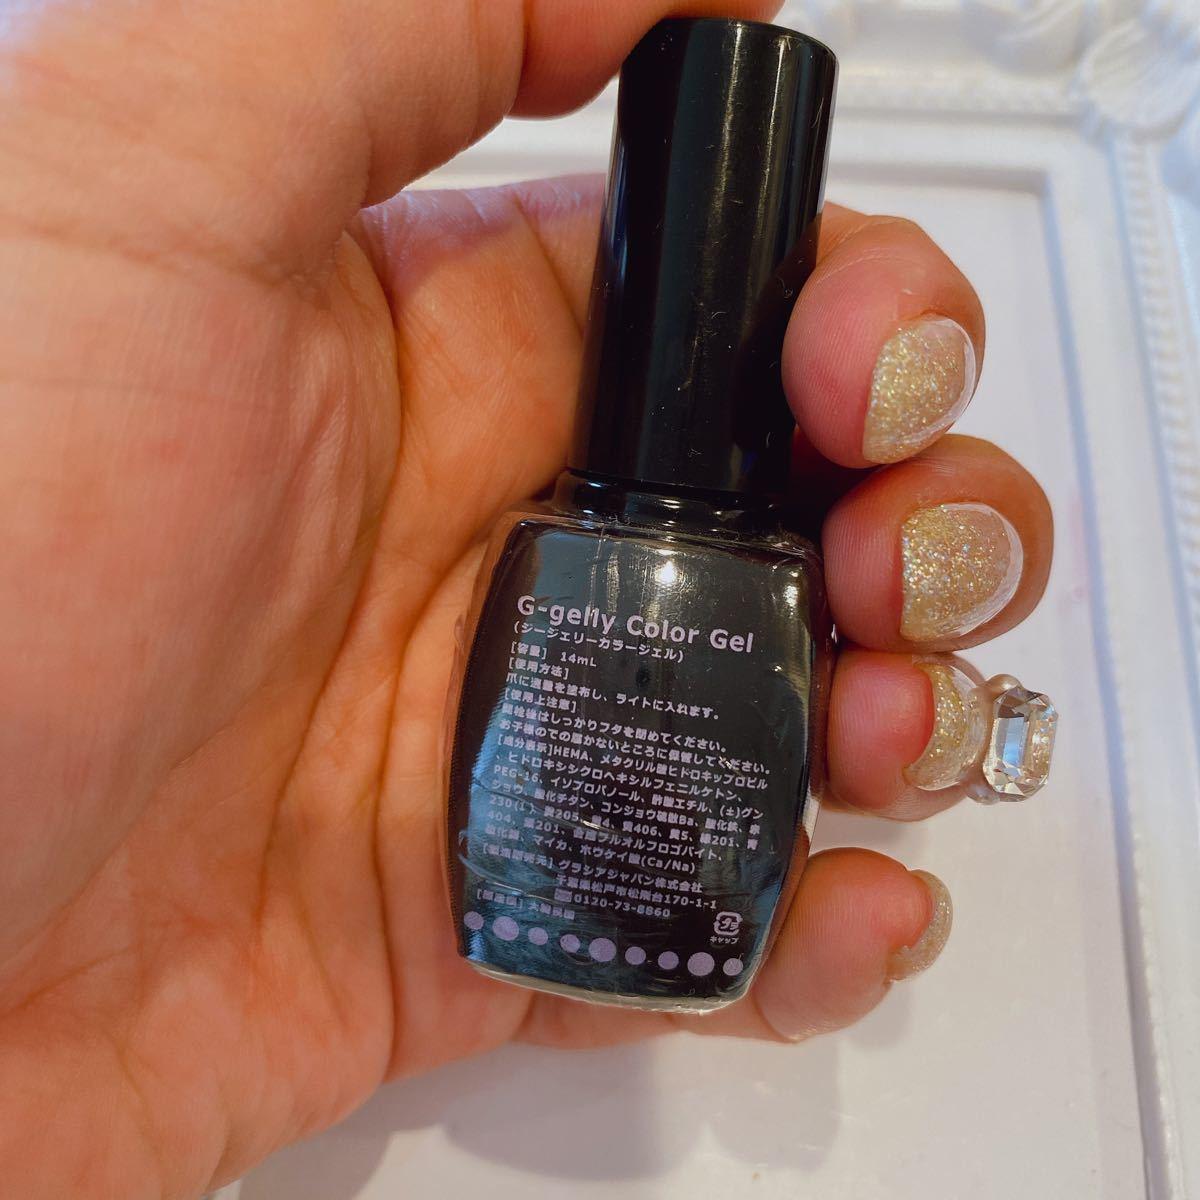 ジェルネイル カラージェル プロ仕様 新品 高品質 3色セット グラシア ピンク